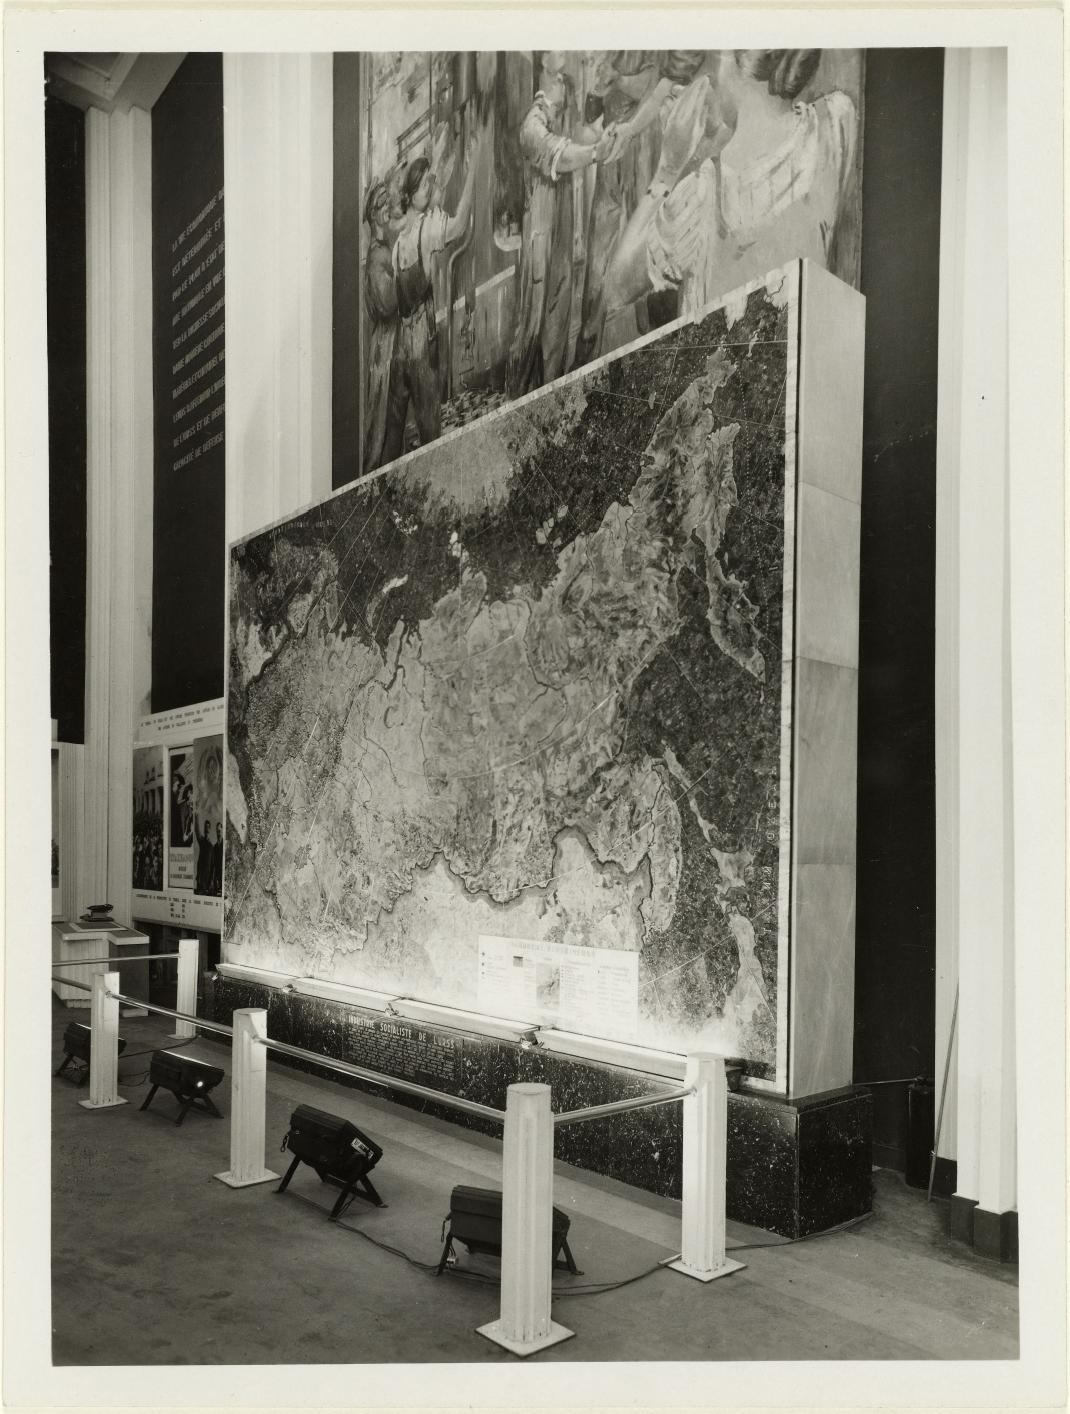 Карта СССР. Мозаика из драгоценных и полудрагоценных камней